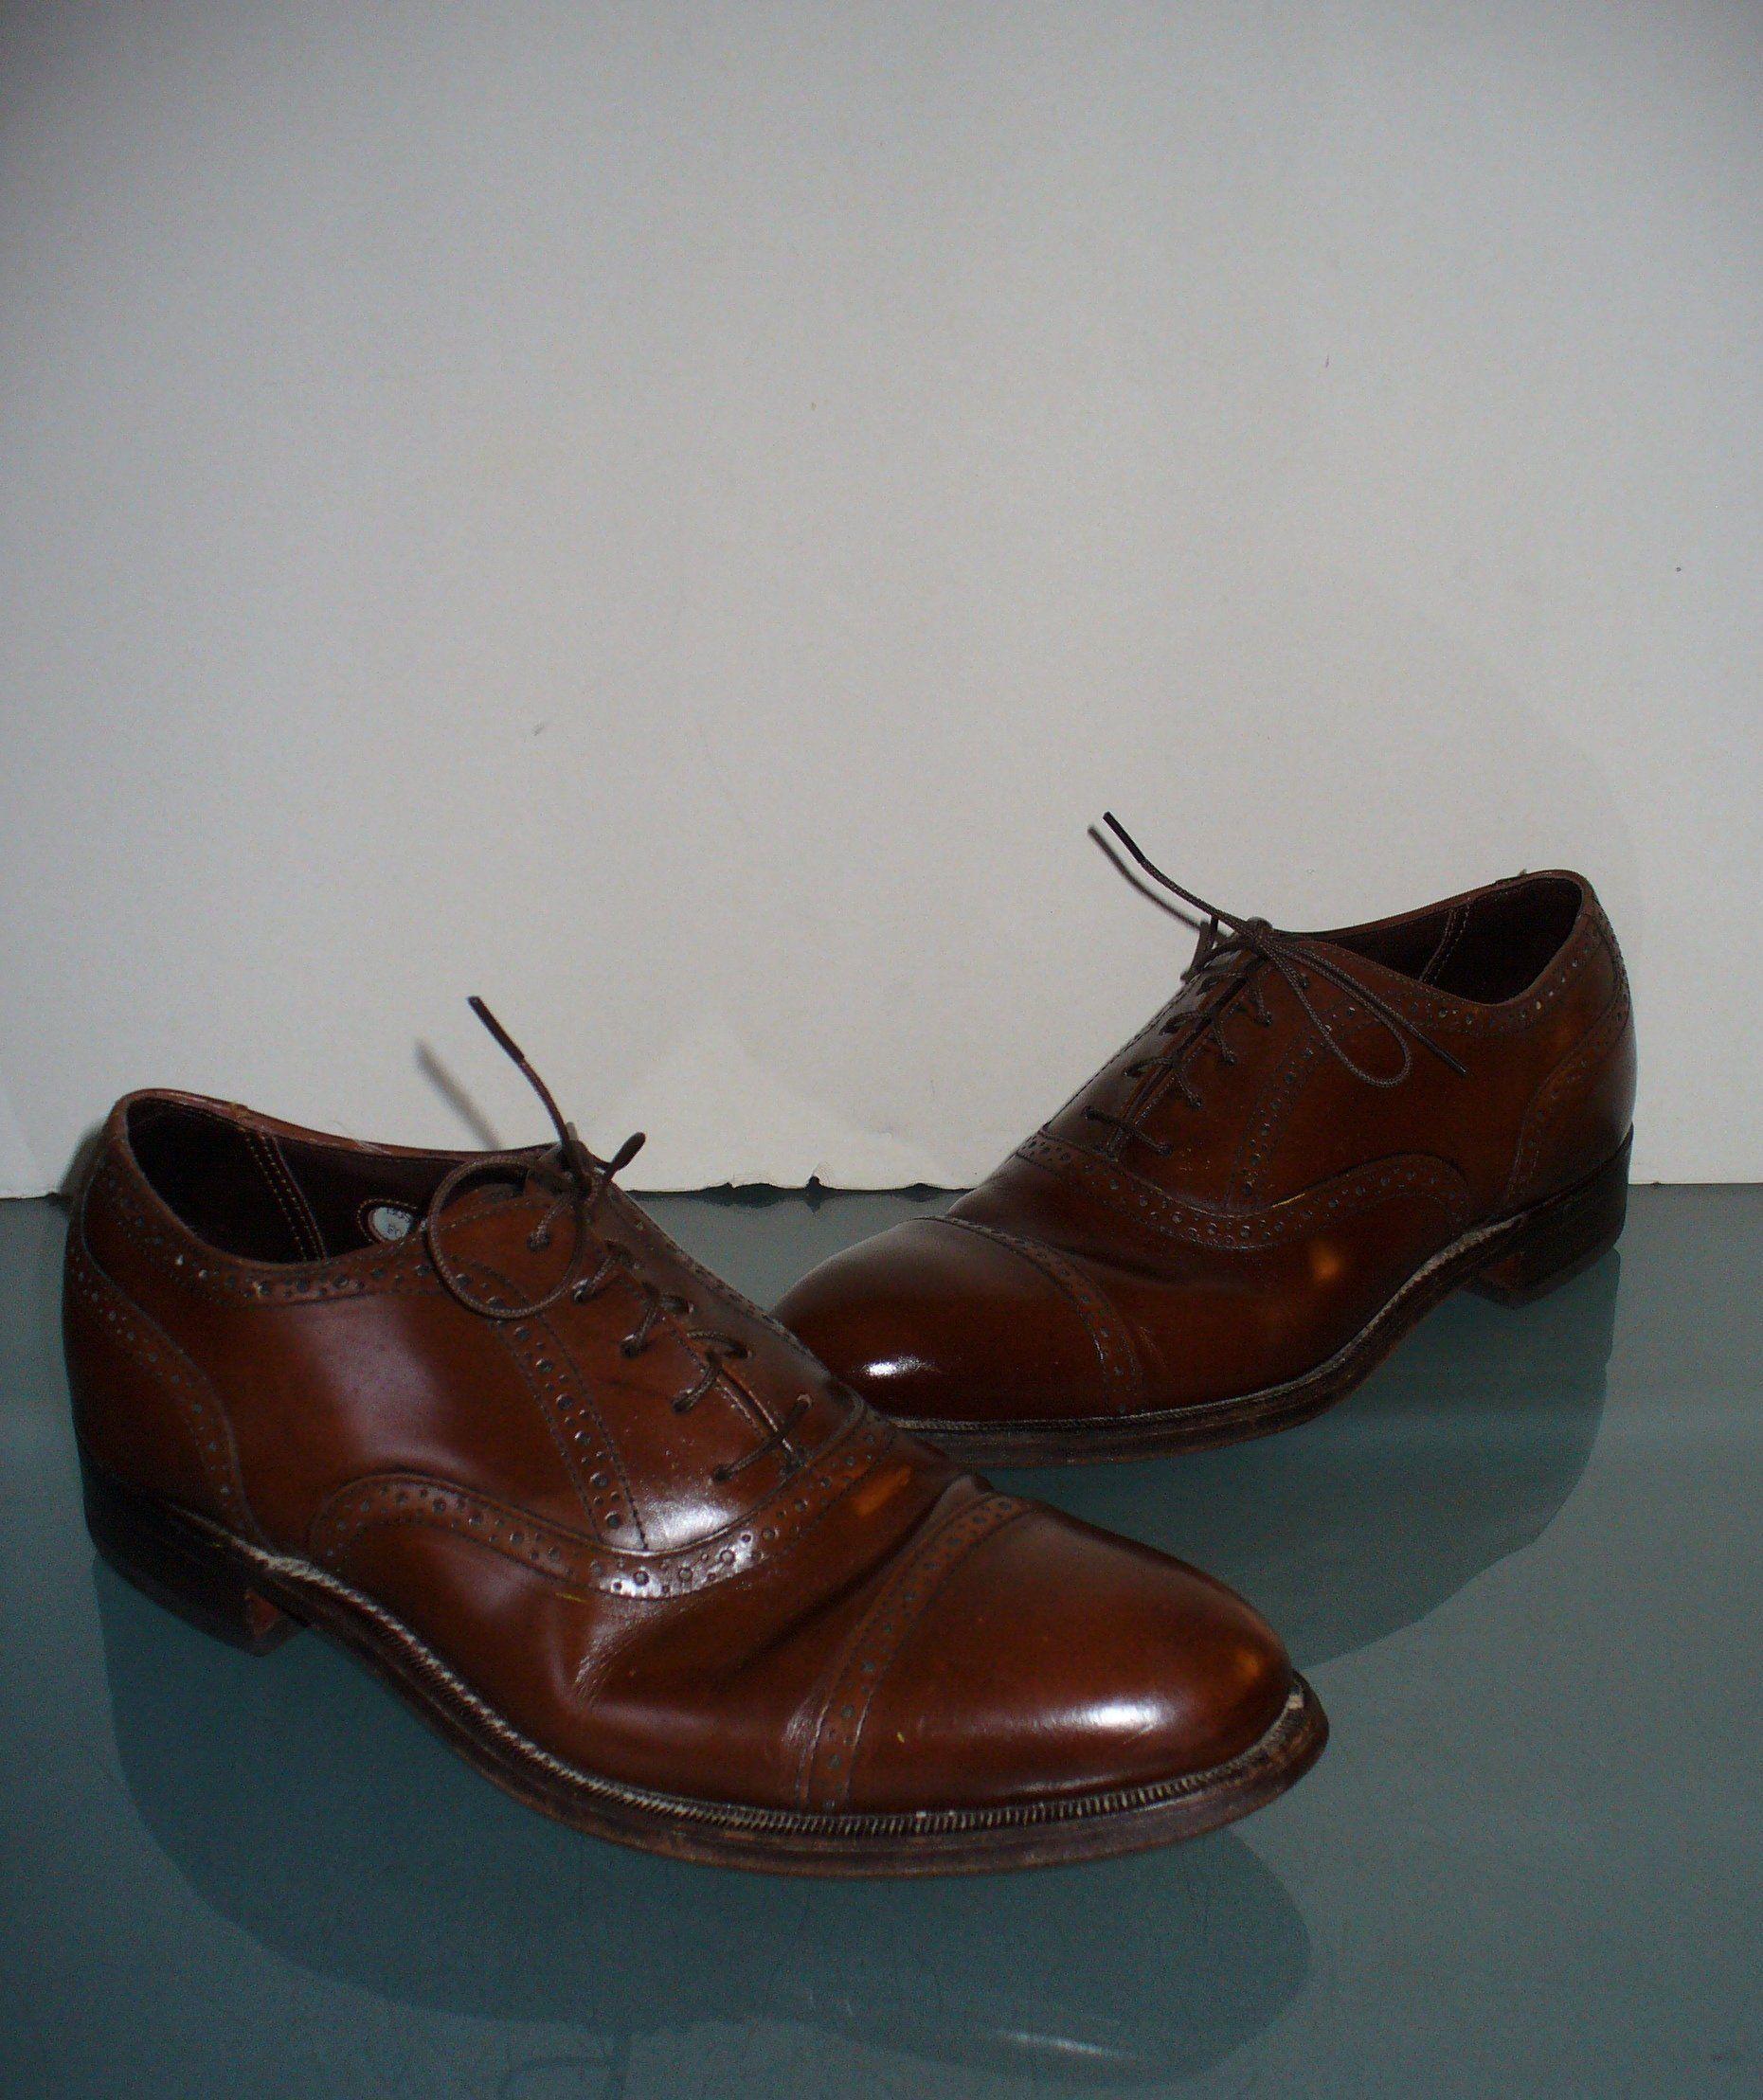 ac7b5d0bc34d9 Bostonian Vintage Wingtip Shoes Size 8 D/B in 2019 | vintage shoes ...